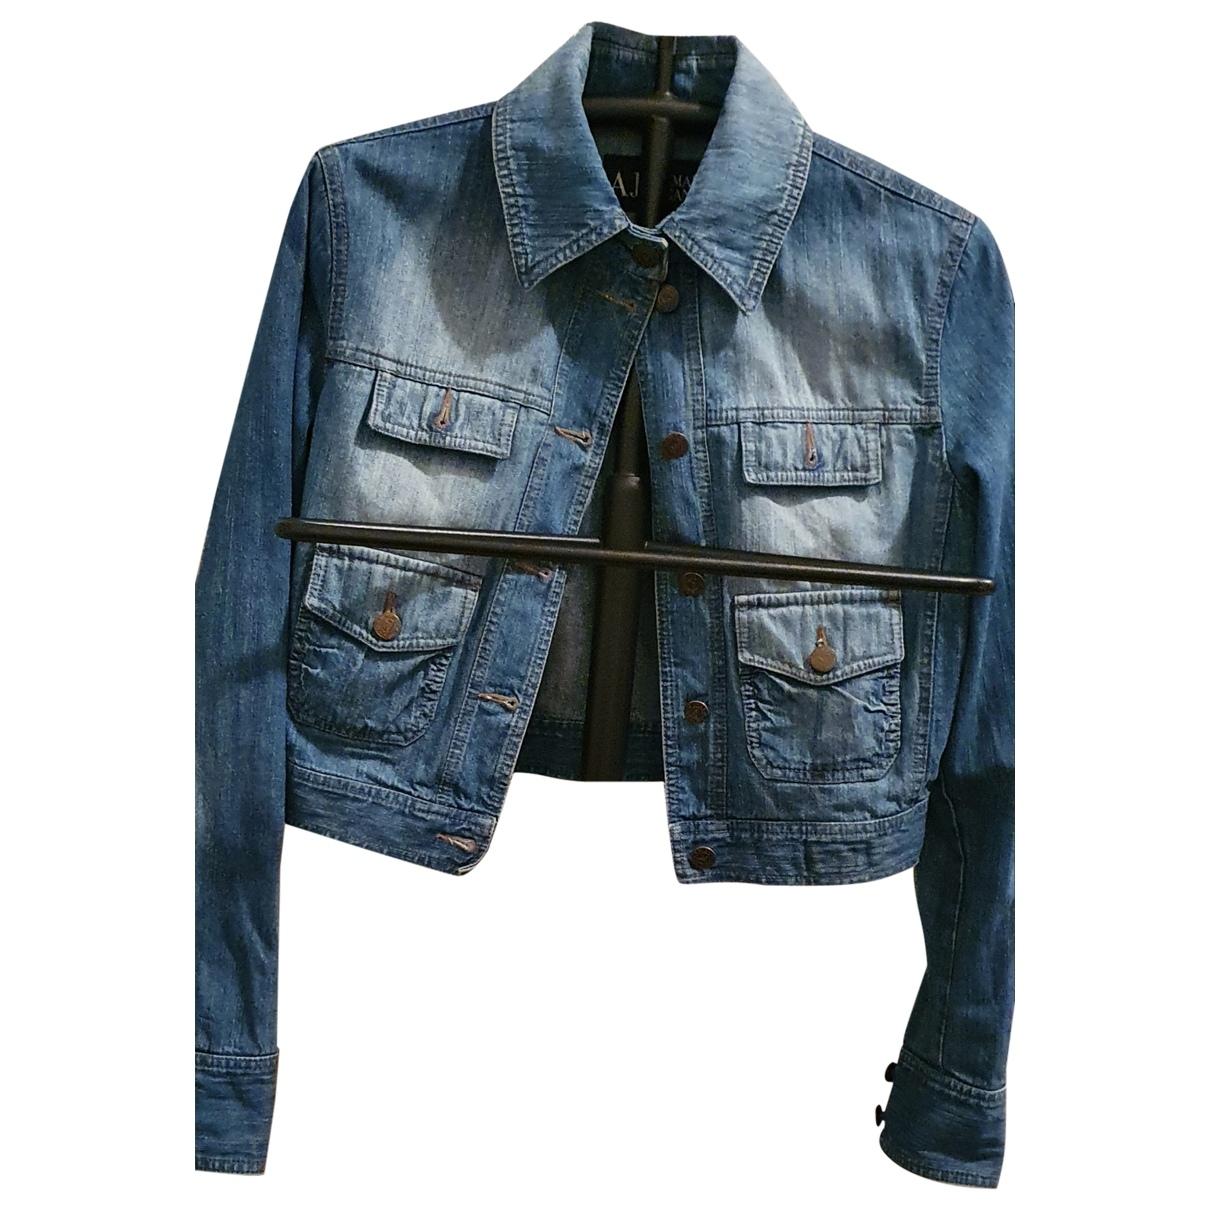 Armani Jeans \N Denim - Jeans jacket for Women 40 IT